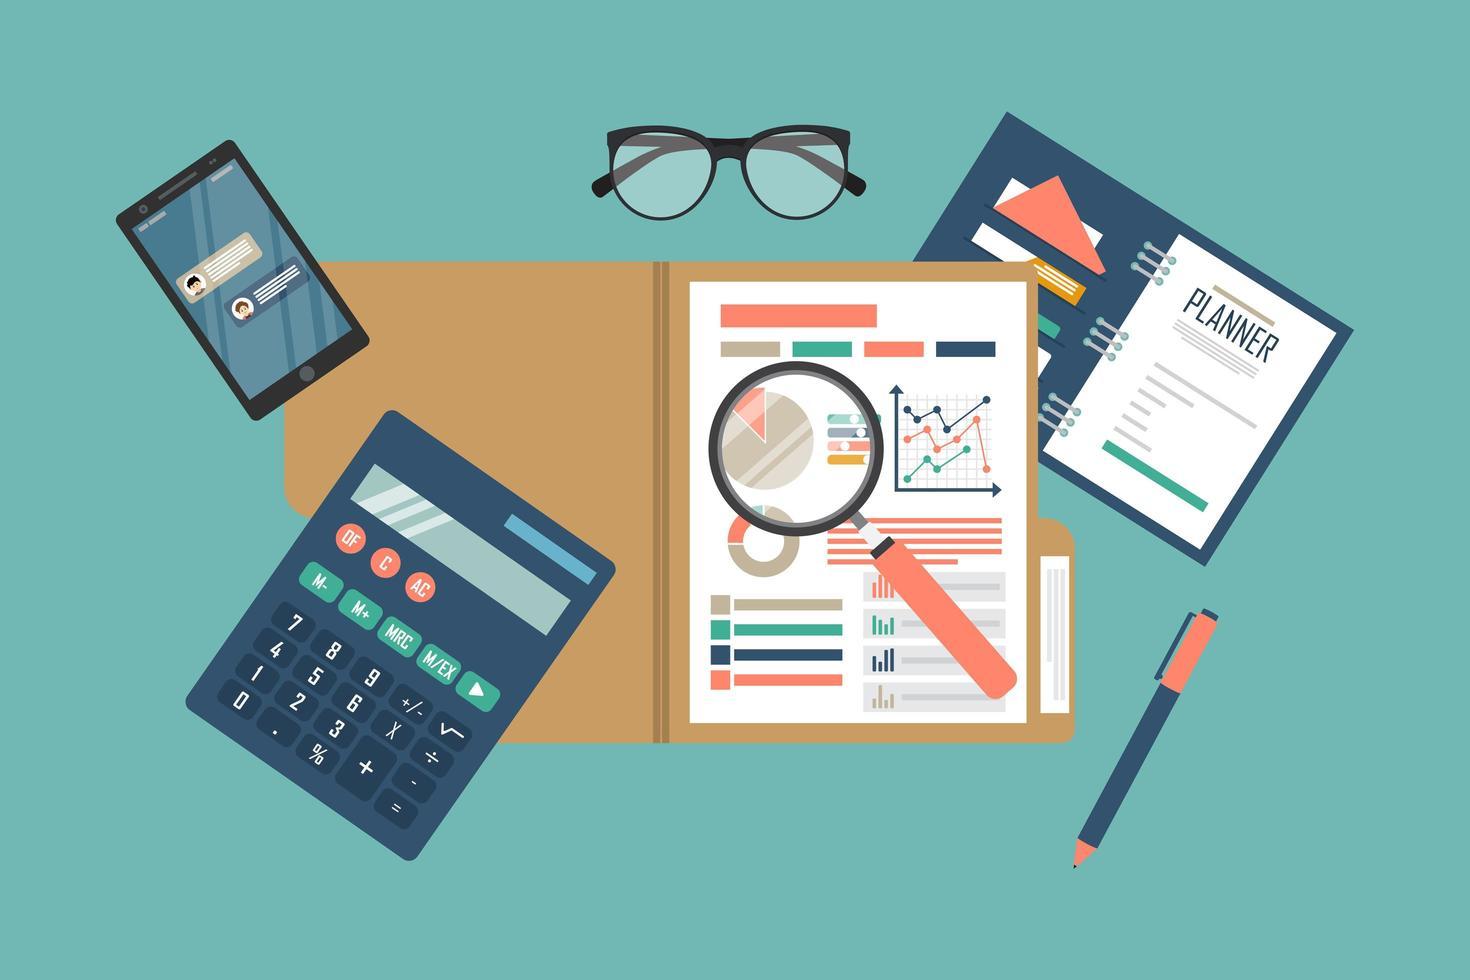 processo de análise de dados fiscais vetor